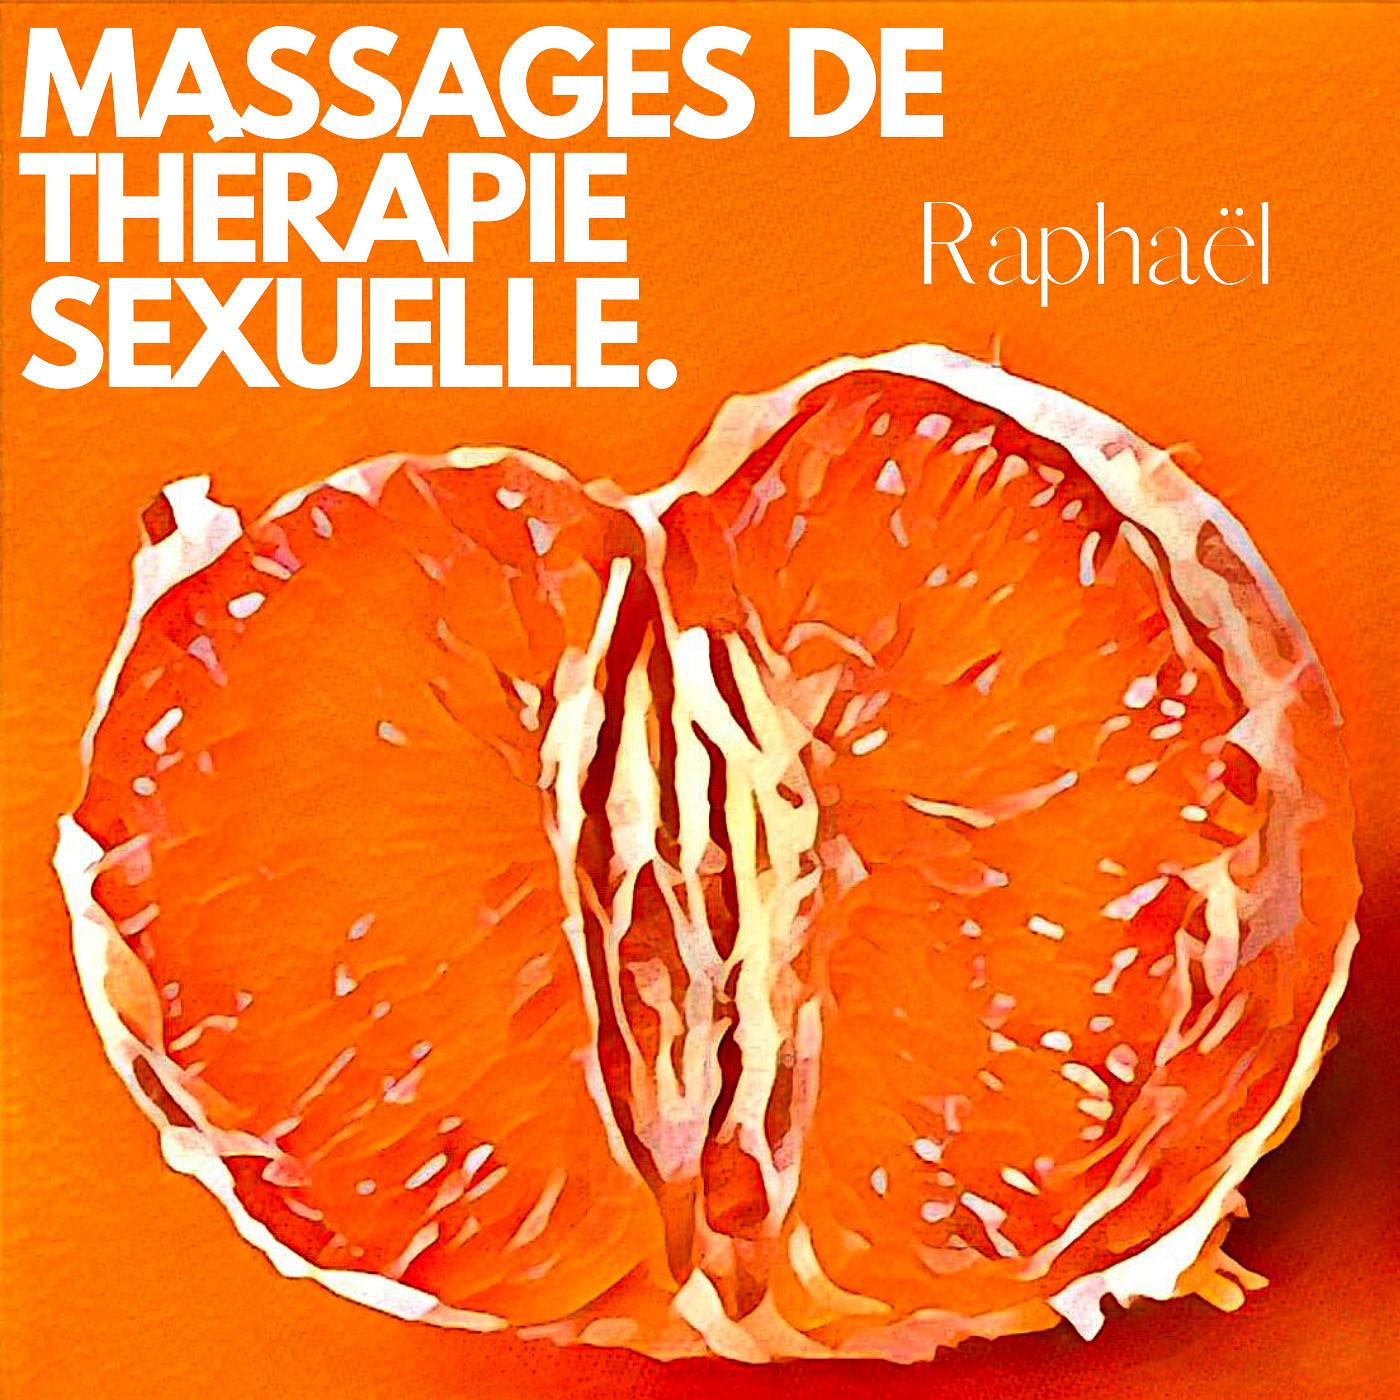 Massages de thérapie sexuelle